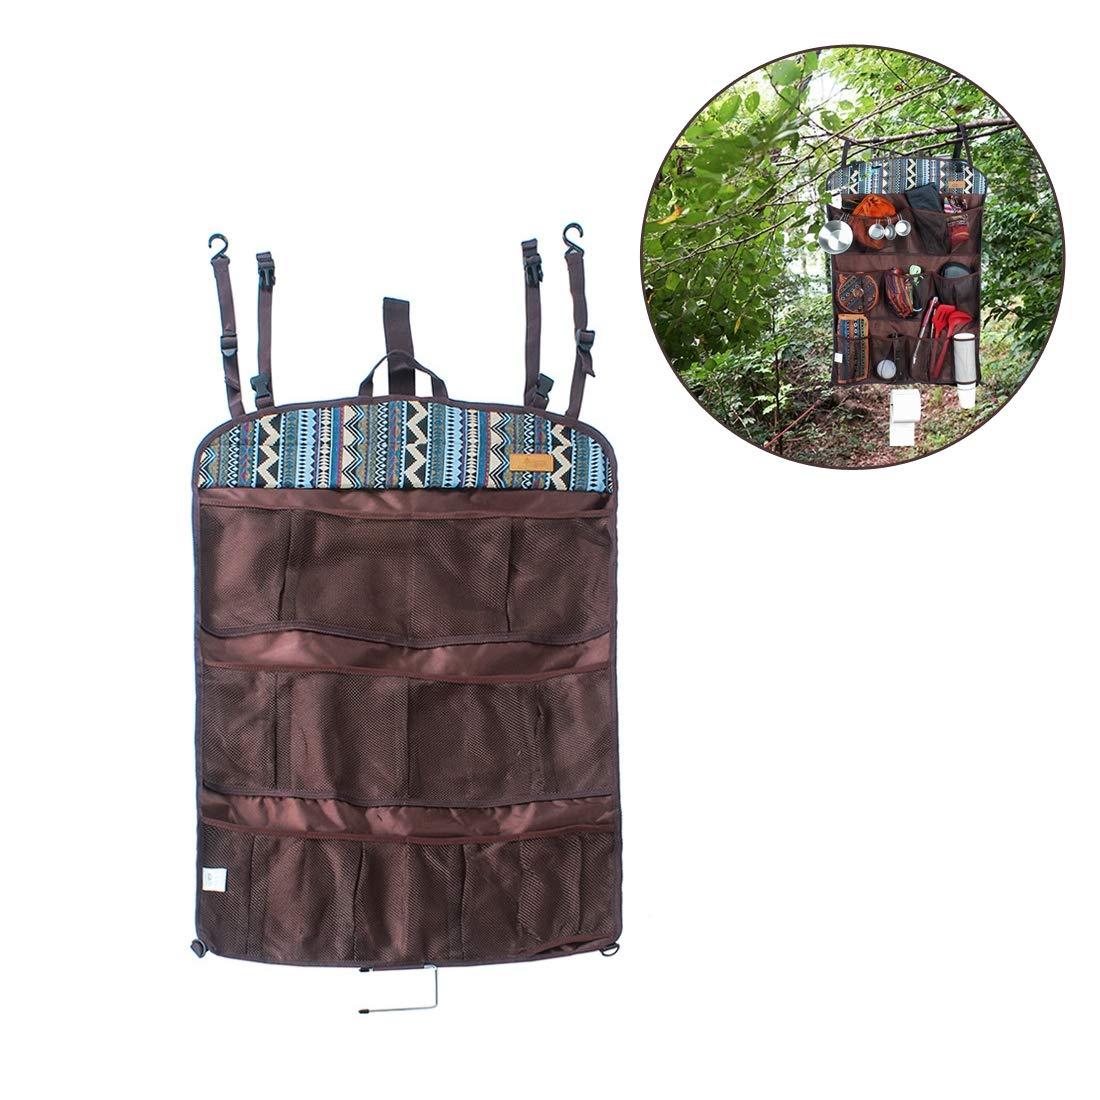 ZYWTZ ZYWTZ ZYWTZ Outdoor-Multifunktions-Aufbewahrungstasche, Tragbare Zelt Home Wall Storage hängende Tasche Tür Aufbewahrungsnetz Tasche B07PDLMWBK | Moderater Preis  3b8958